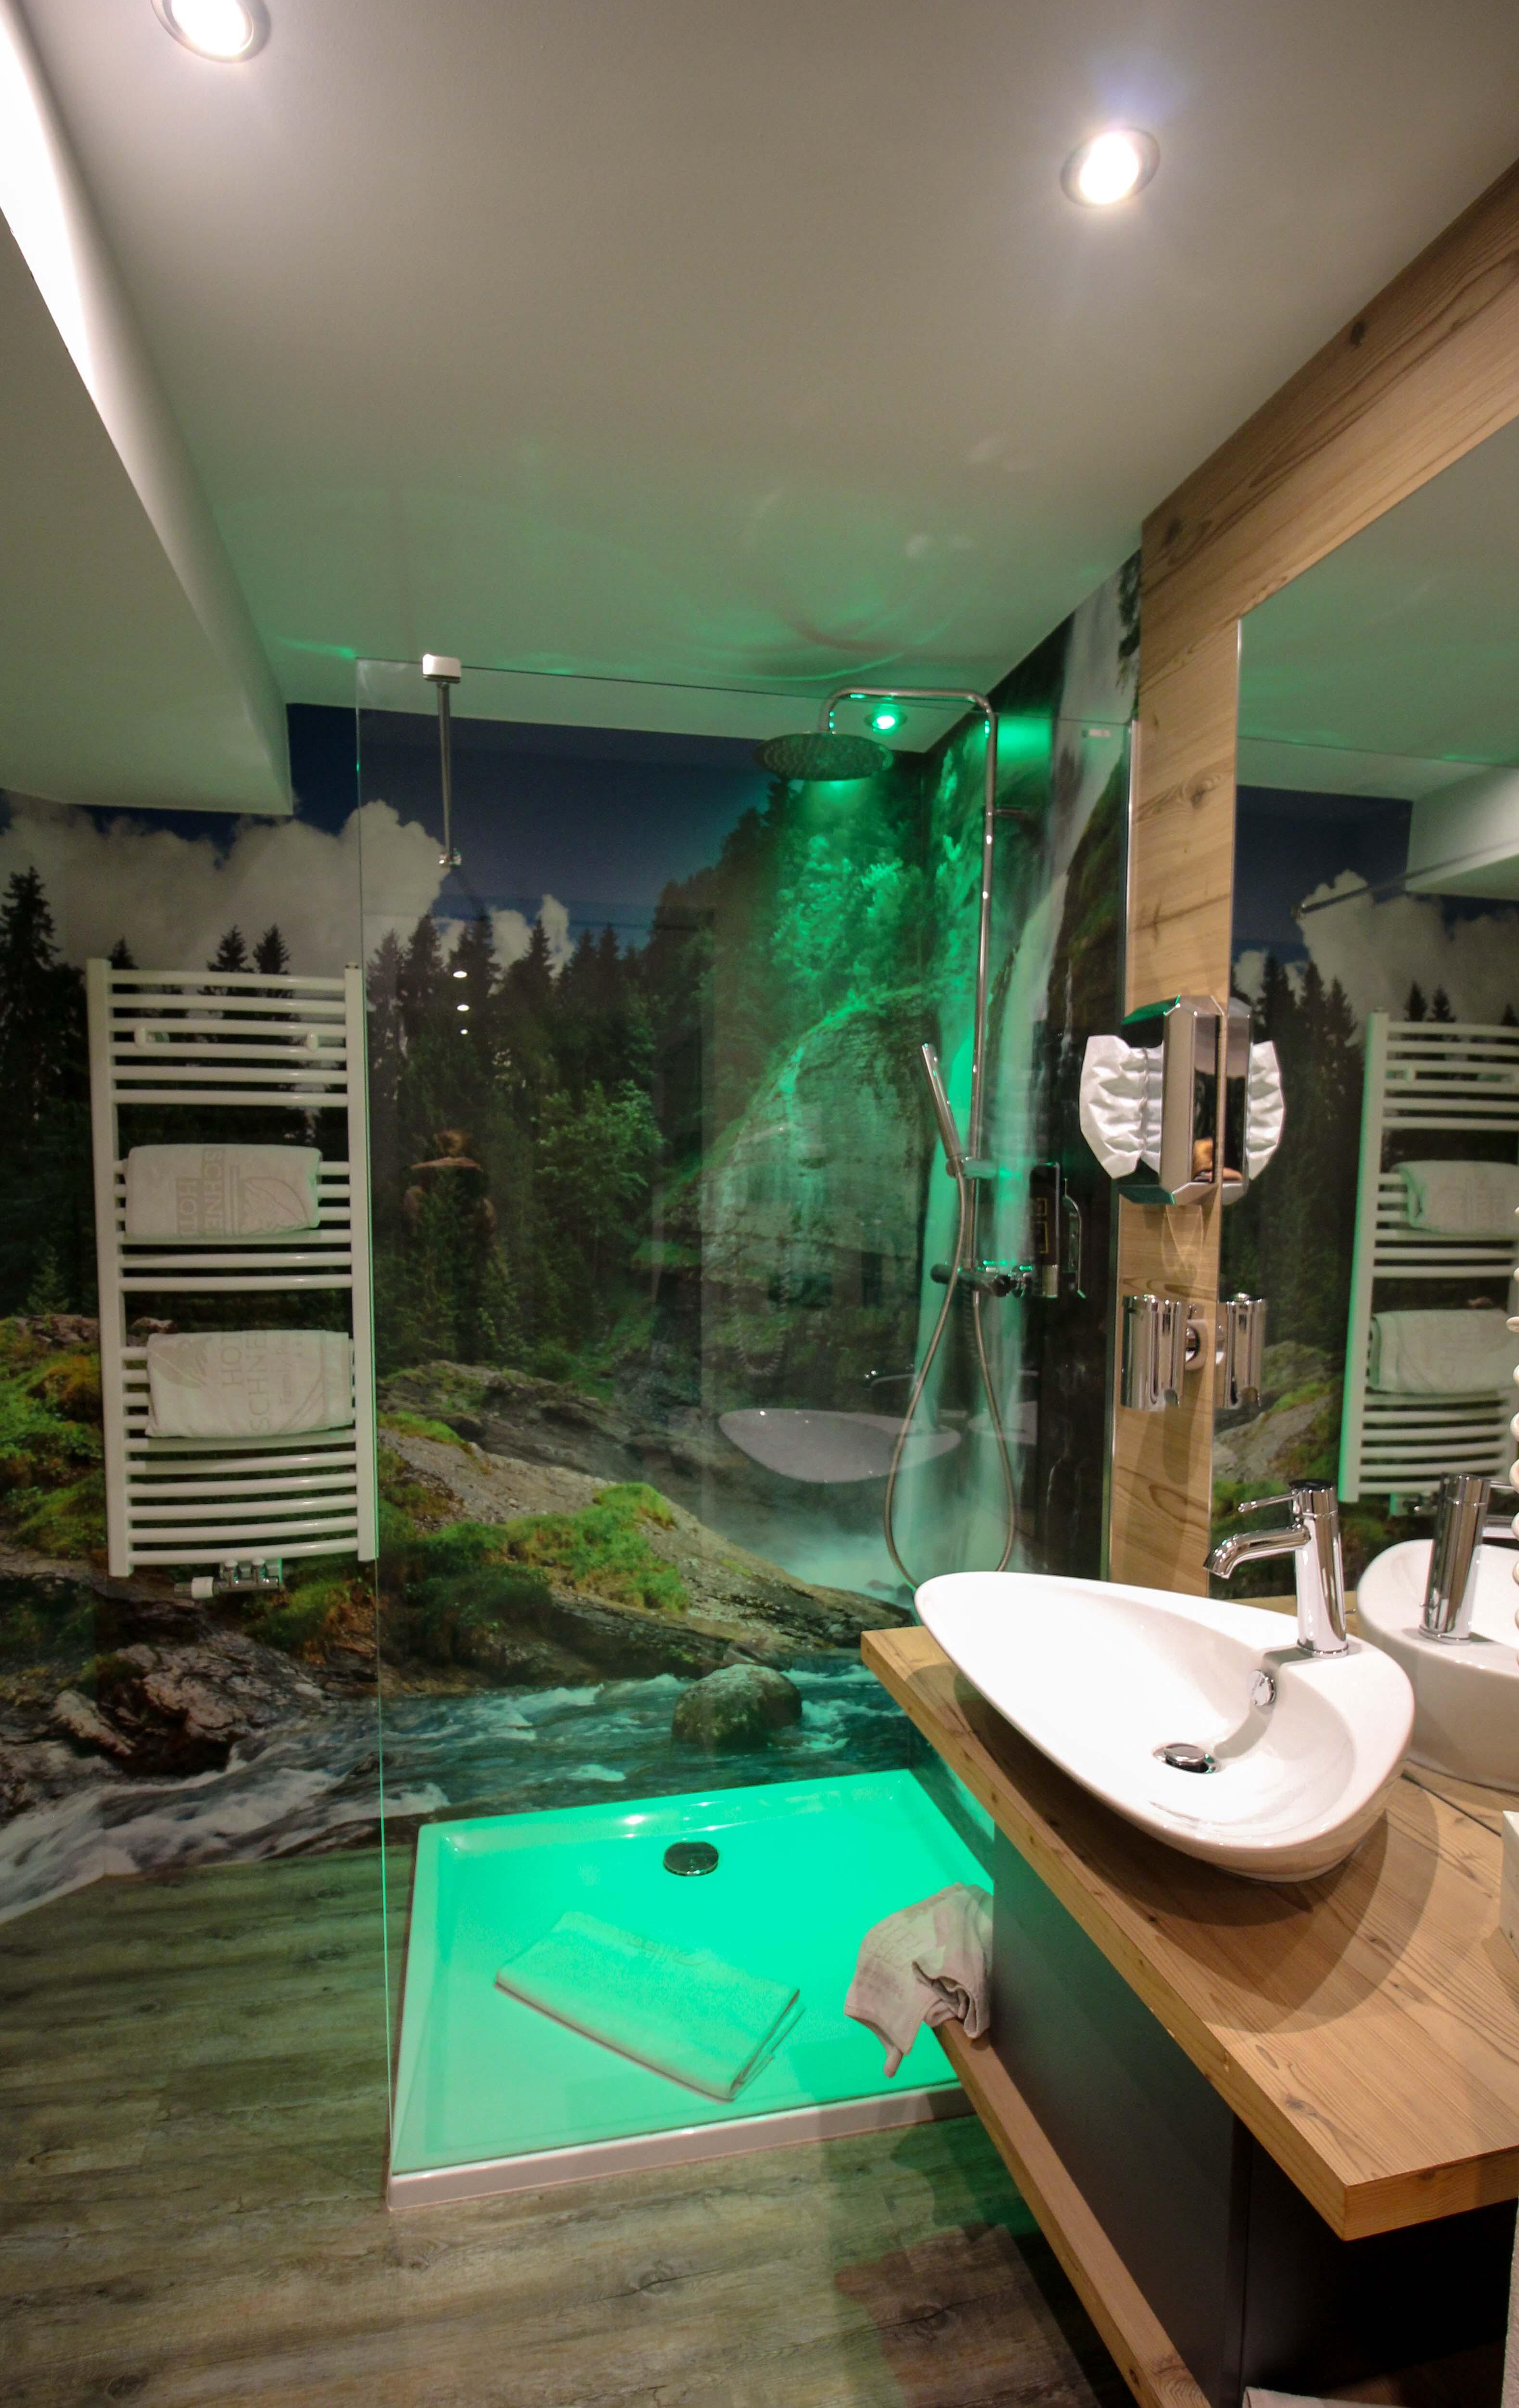 Südtirol Hotel Schneeberg Resort Spa Doppelzimmer Suite Badezimmer Italien Wellnesshotel Reiseblog Wellnessurlaub Kurzurlaub Hotelempfehlung Skiurlaub Winterurlaub.